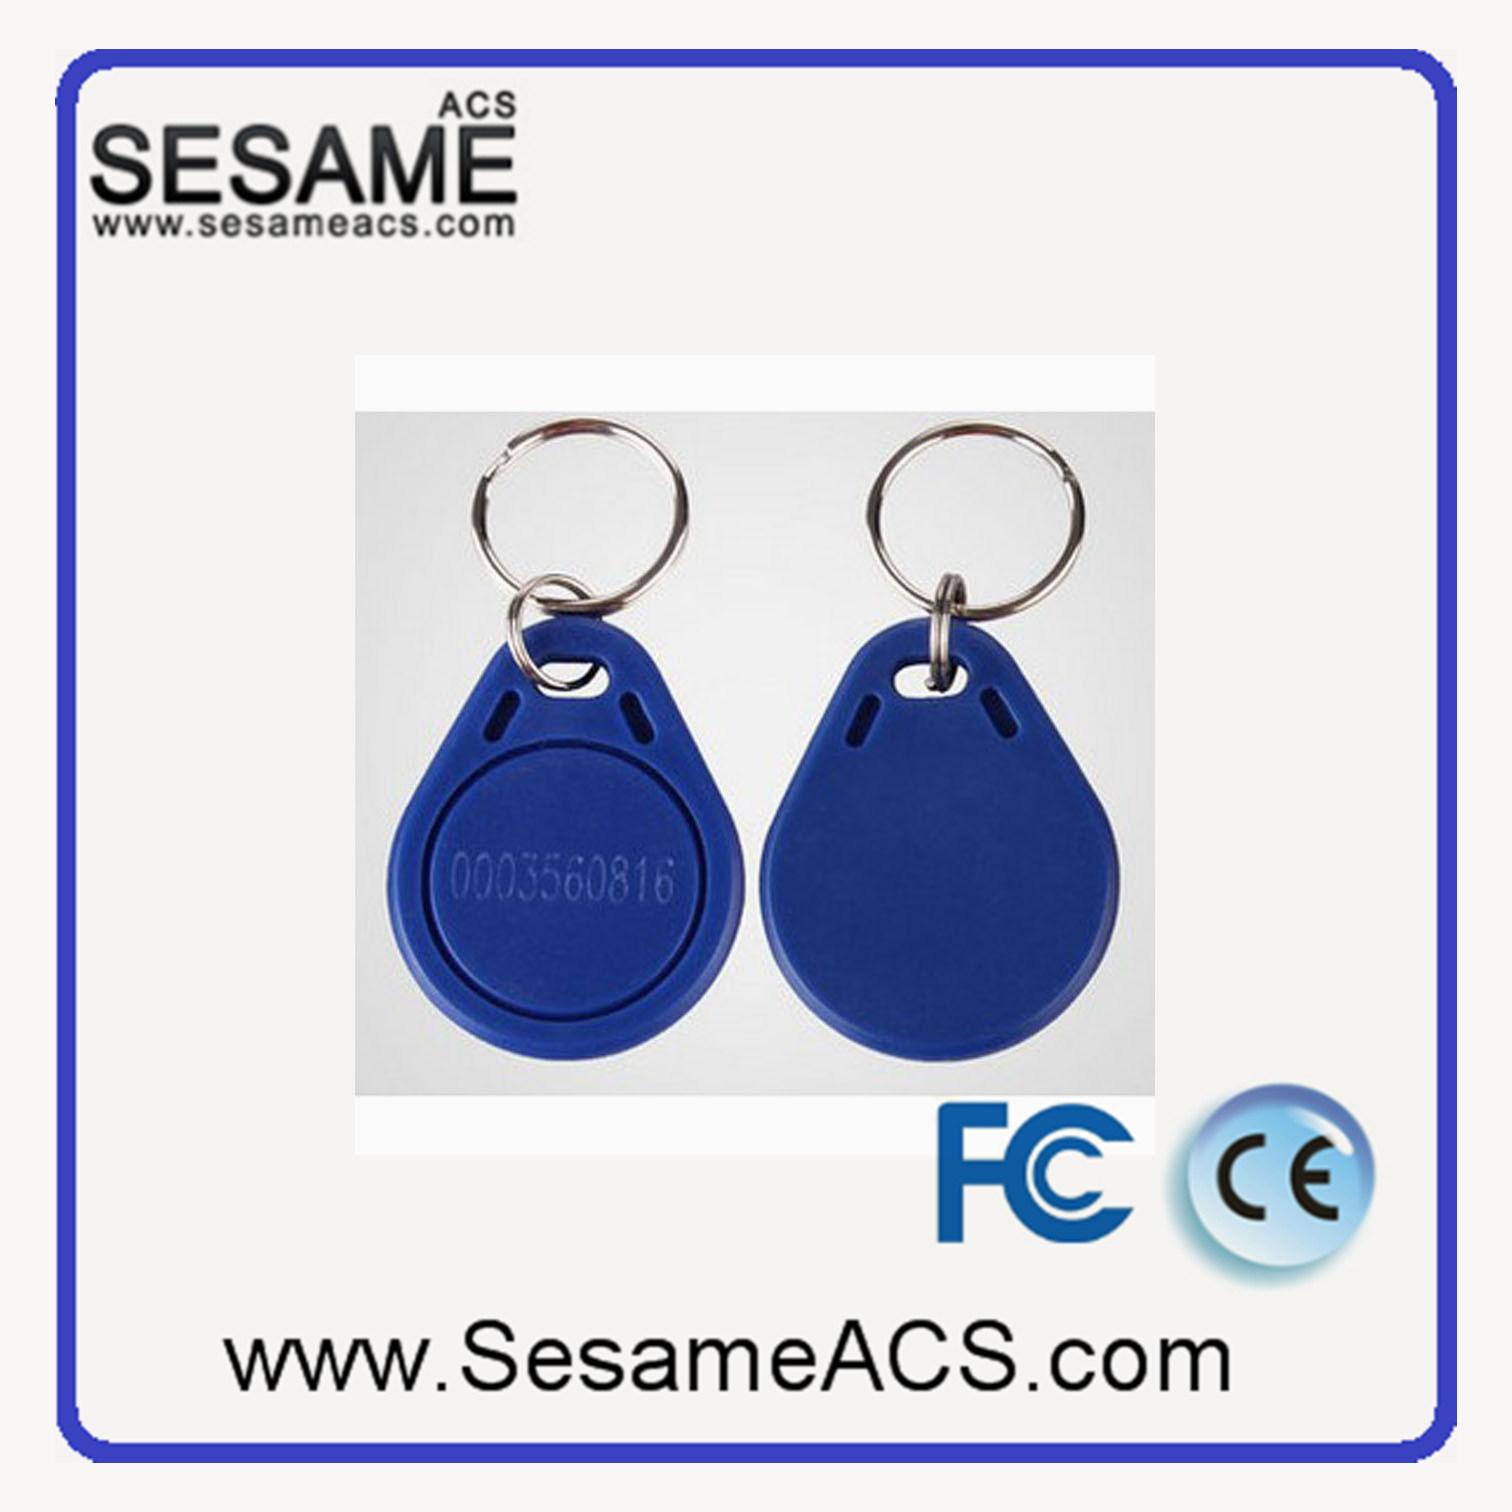 Em Marin 125kHz RFID Key Access Control Tag Support OEM (SD3)